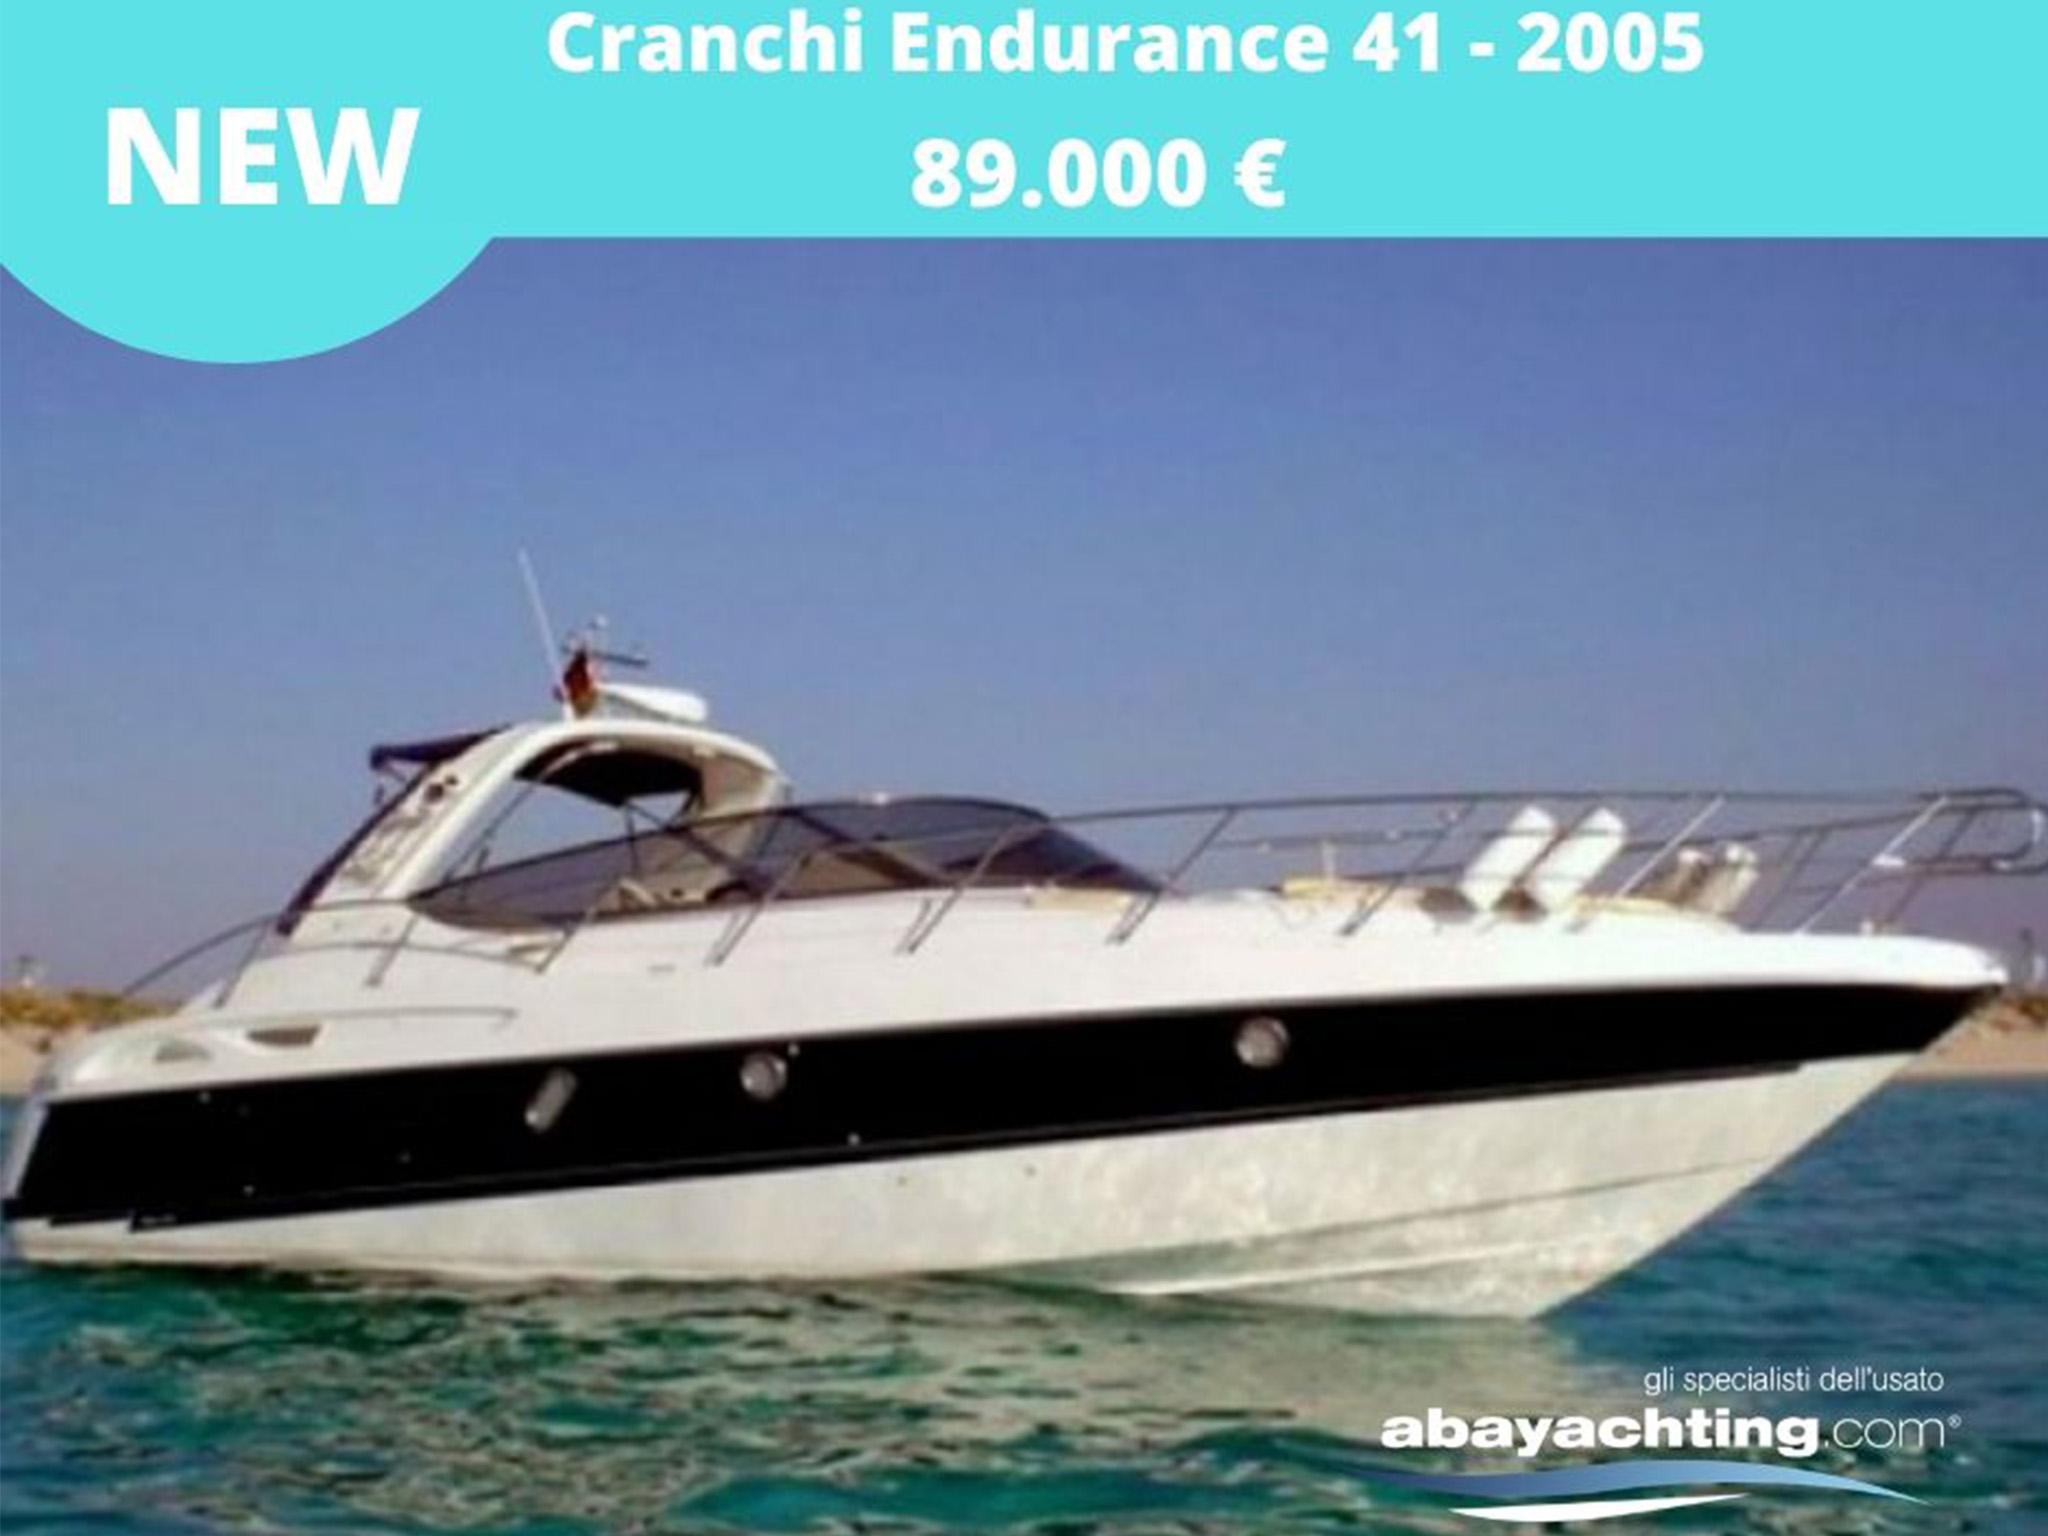 Nuovo arrivo Cranchi Endurance 41